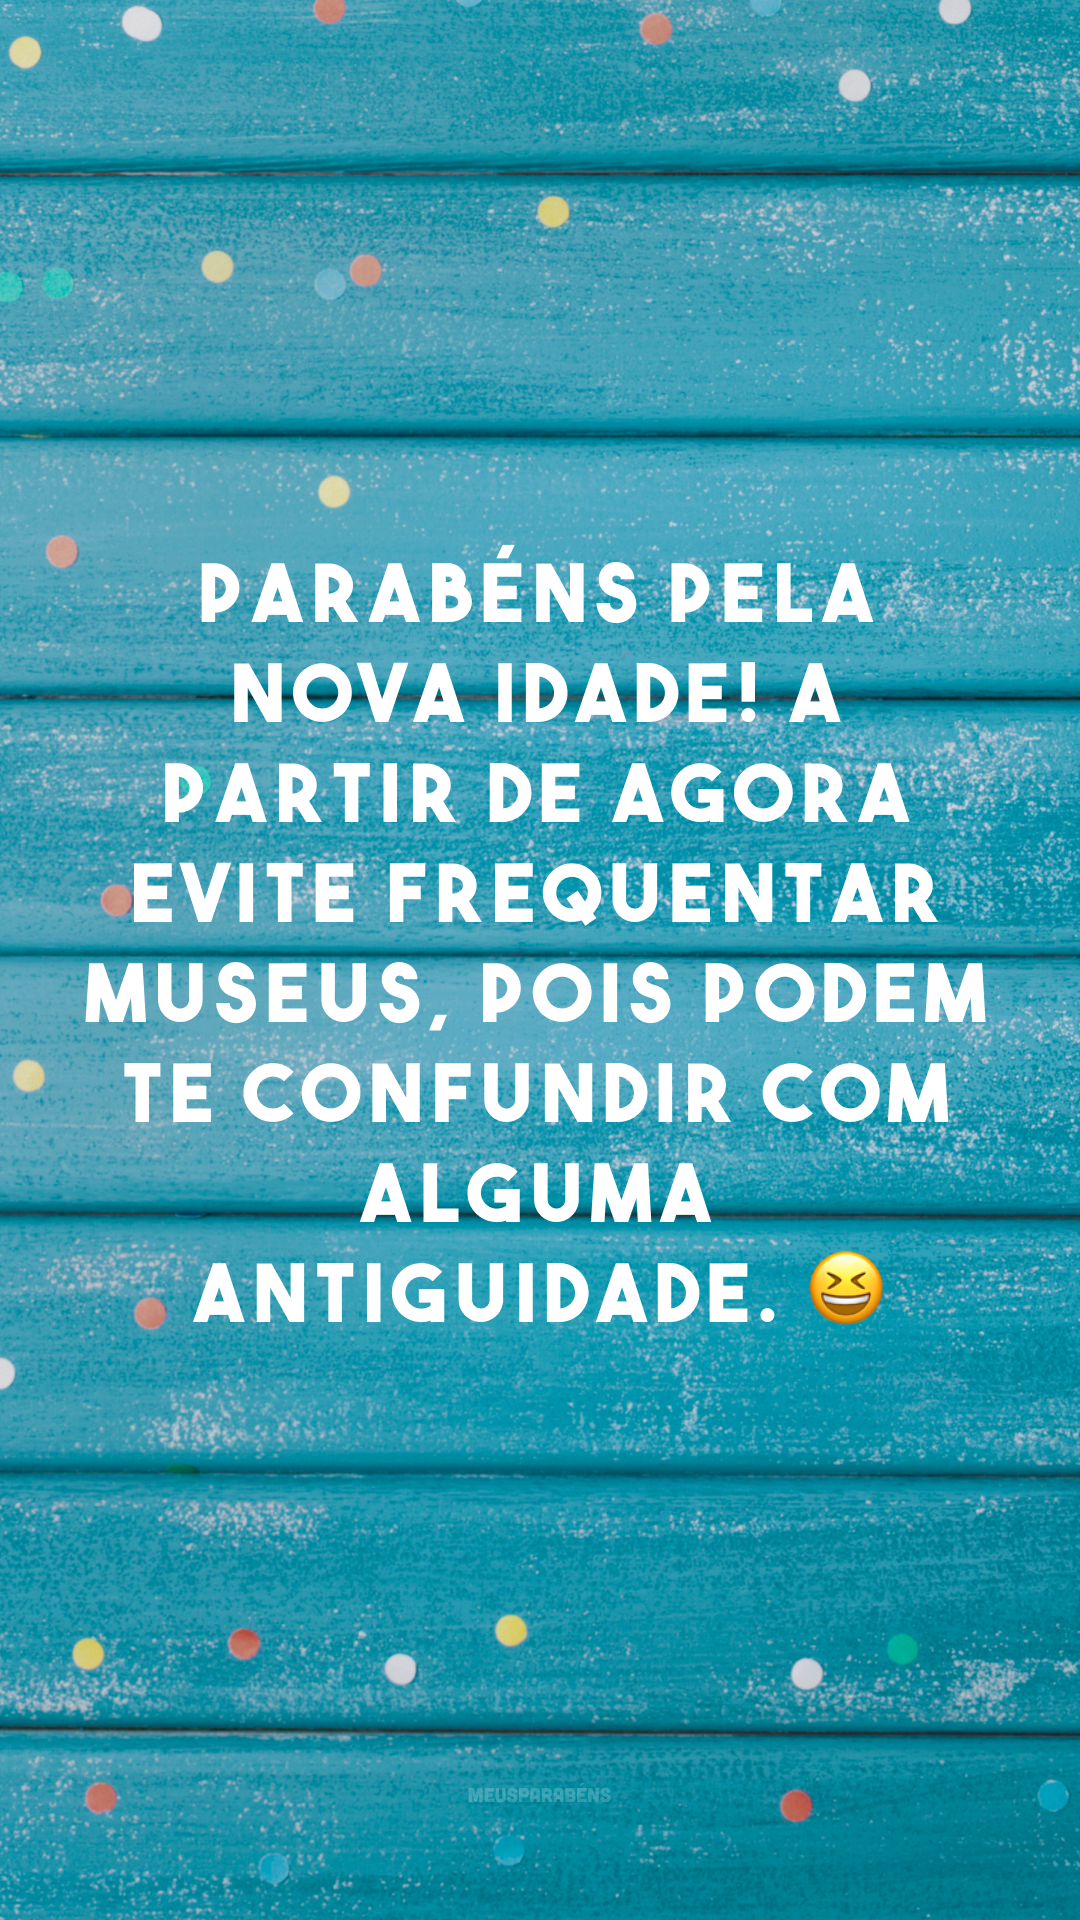 Parabéns pela nova idade! A partir de agora evite frequentar museus, pois podem te confundir com alguma antiguidade. 😆